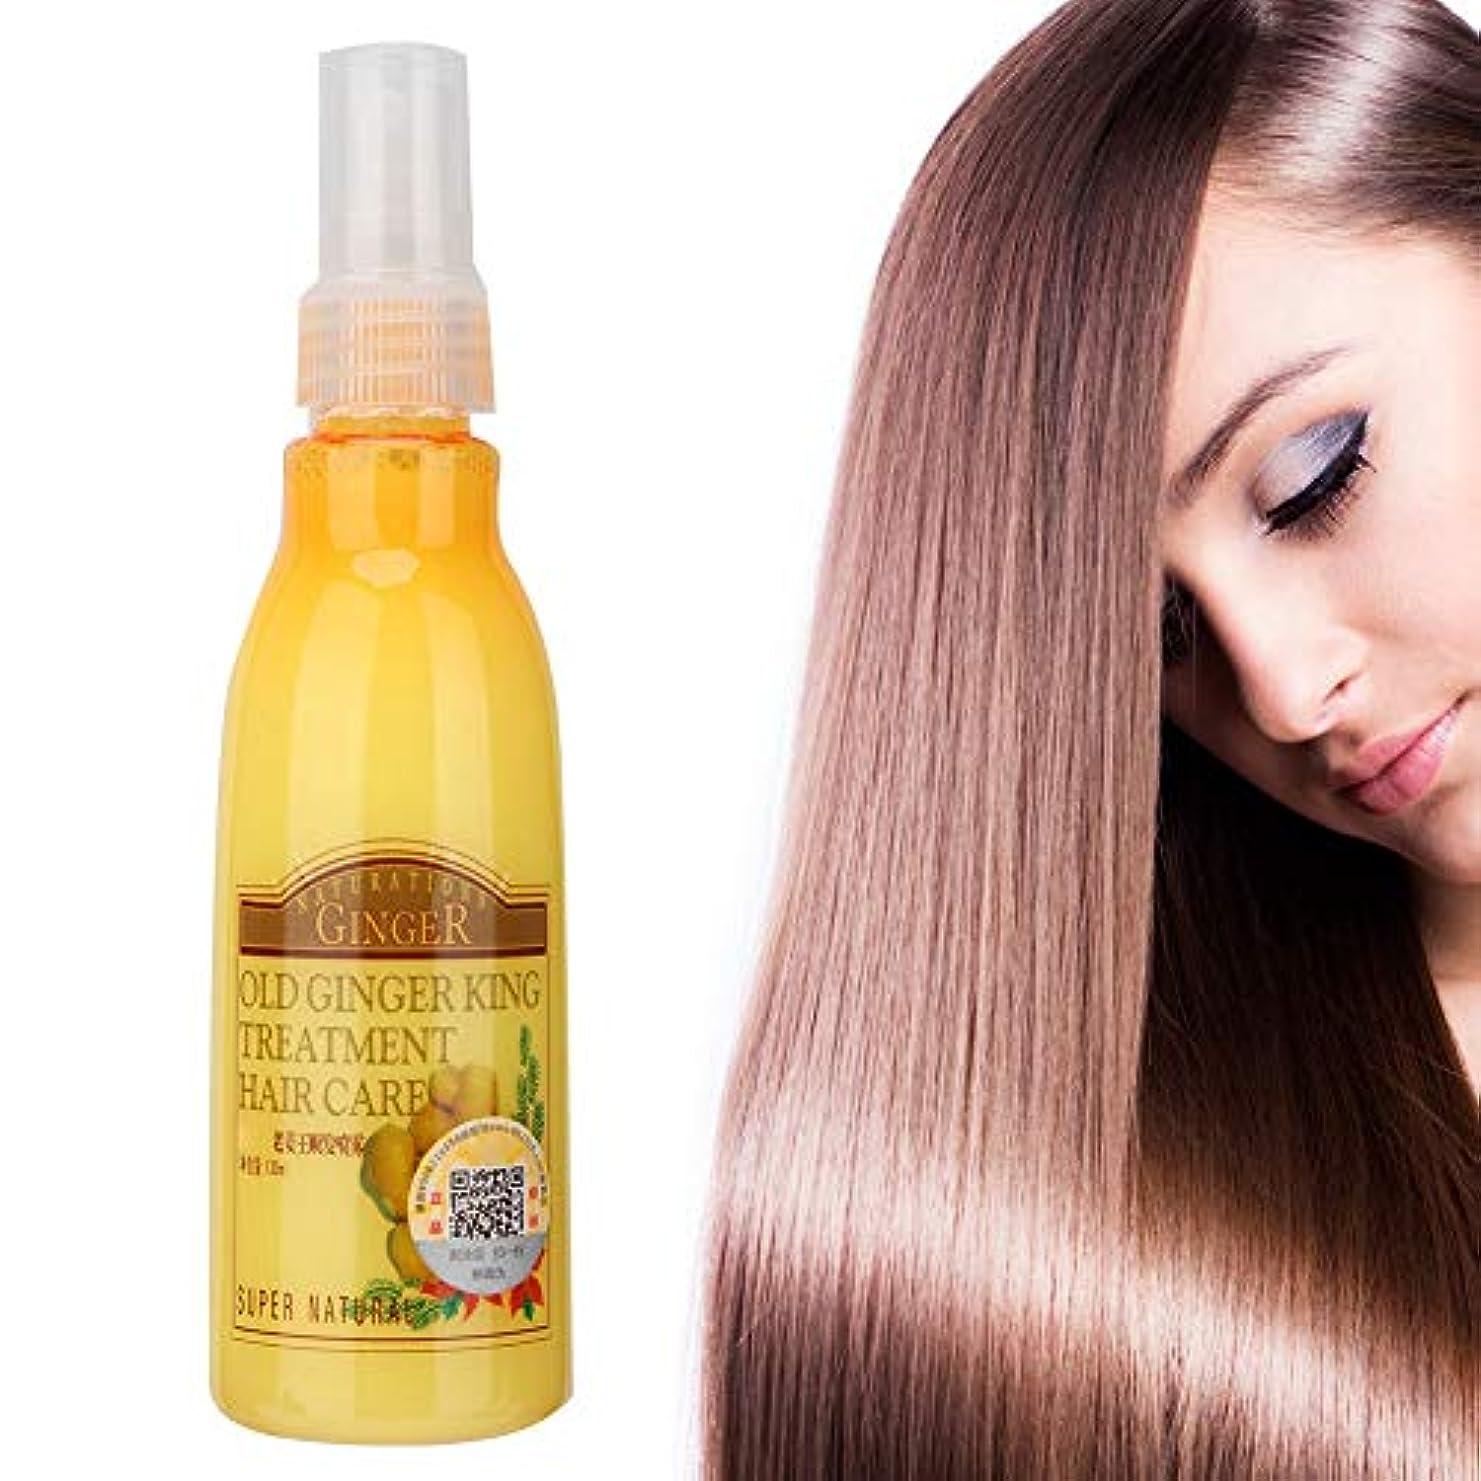 グレー対すずめ130ミリリットルヘアエッセンスオイル、栄養補修損傷スプリットフリッツ女性の髪の問題を解決するためにフケ頭皮ケアを減らす